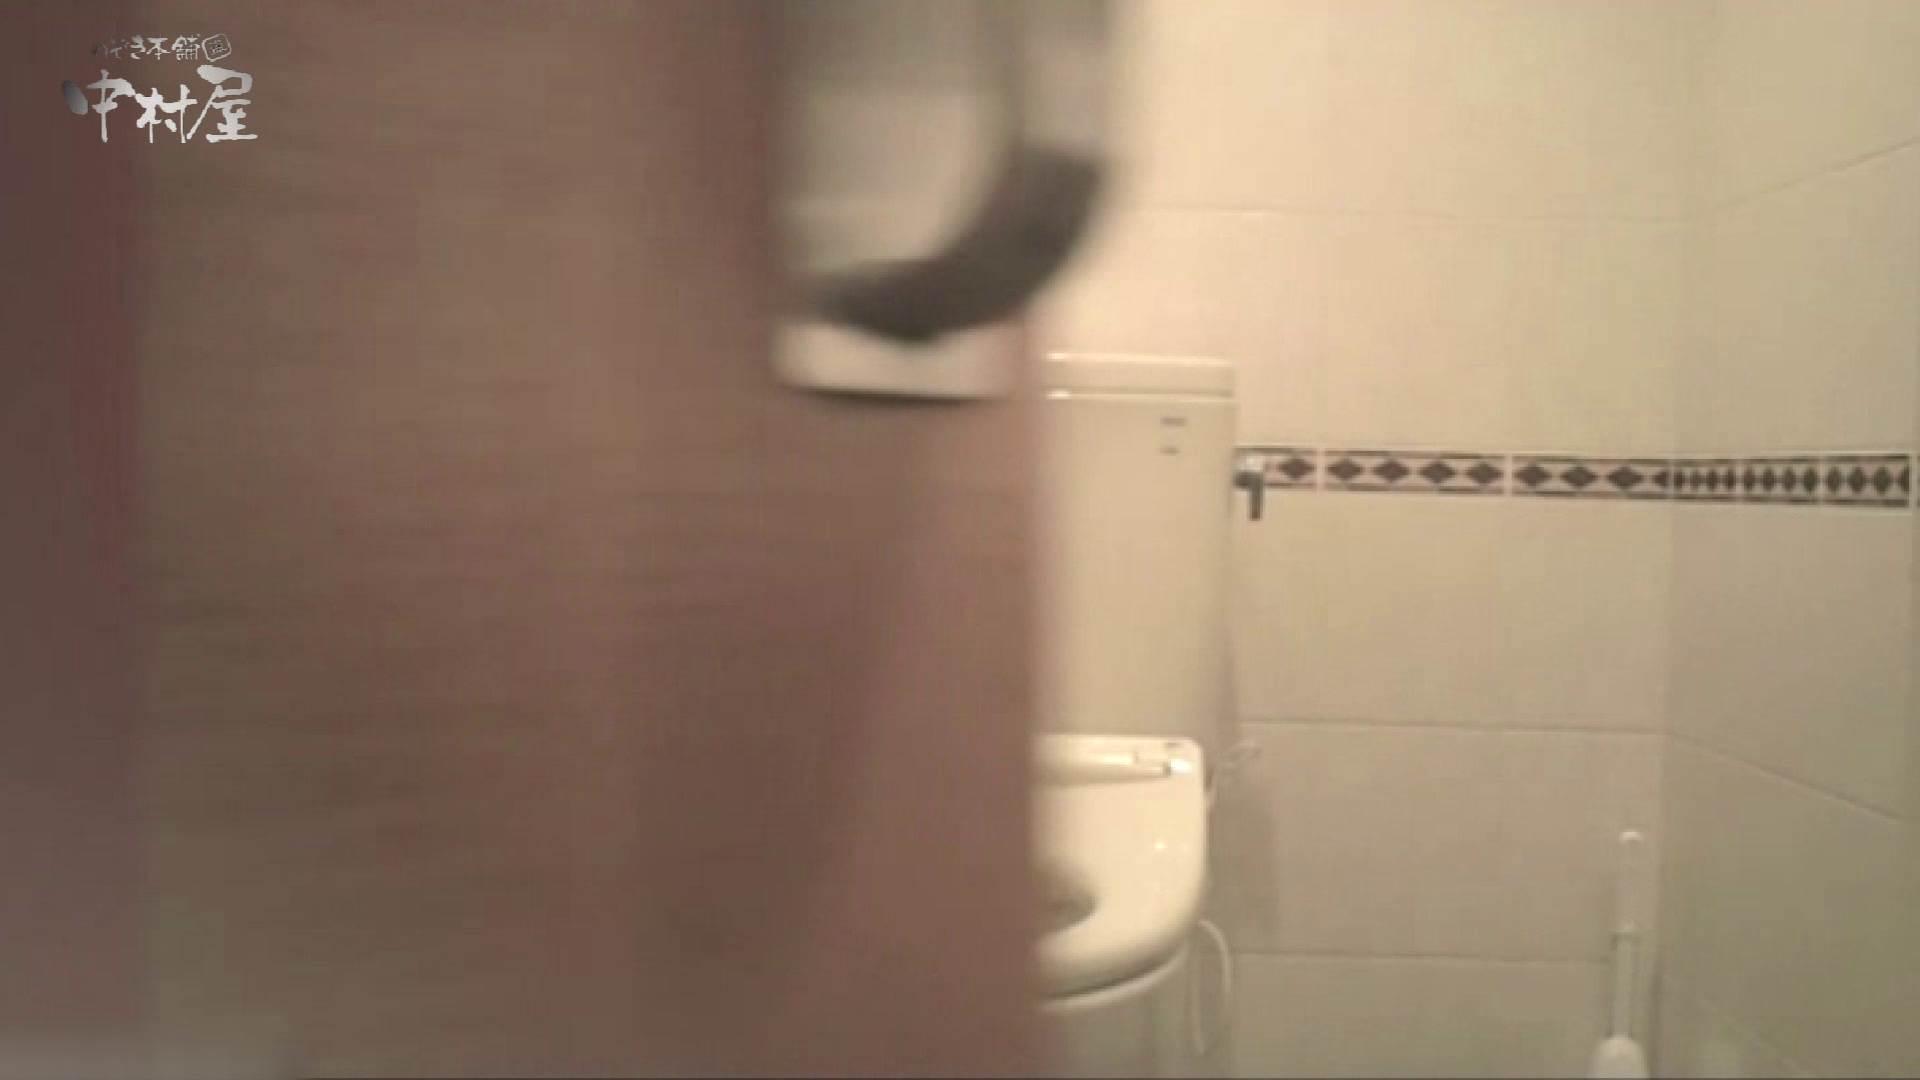 ティーンガールのトイレ覗き‼vol.21 お姉さんのエロ動画 セックス画像 112PIX 100